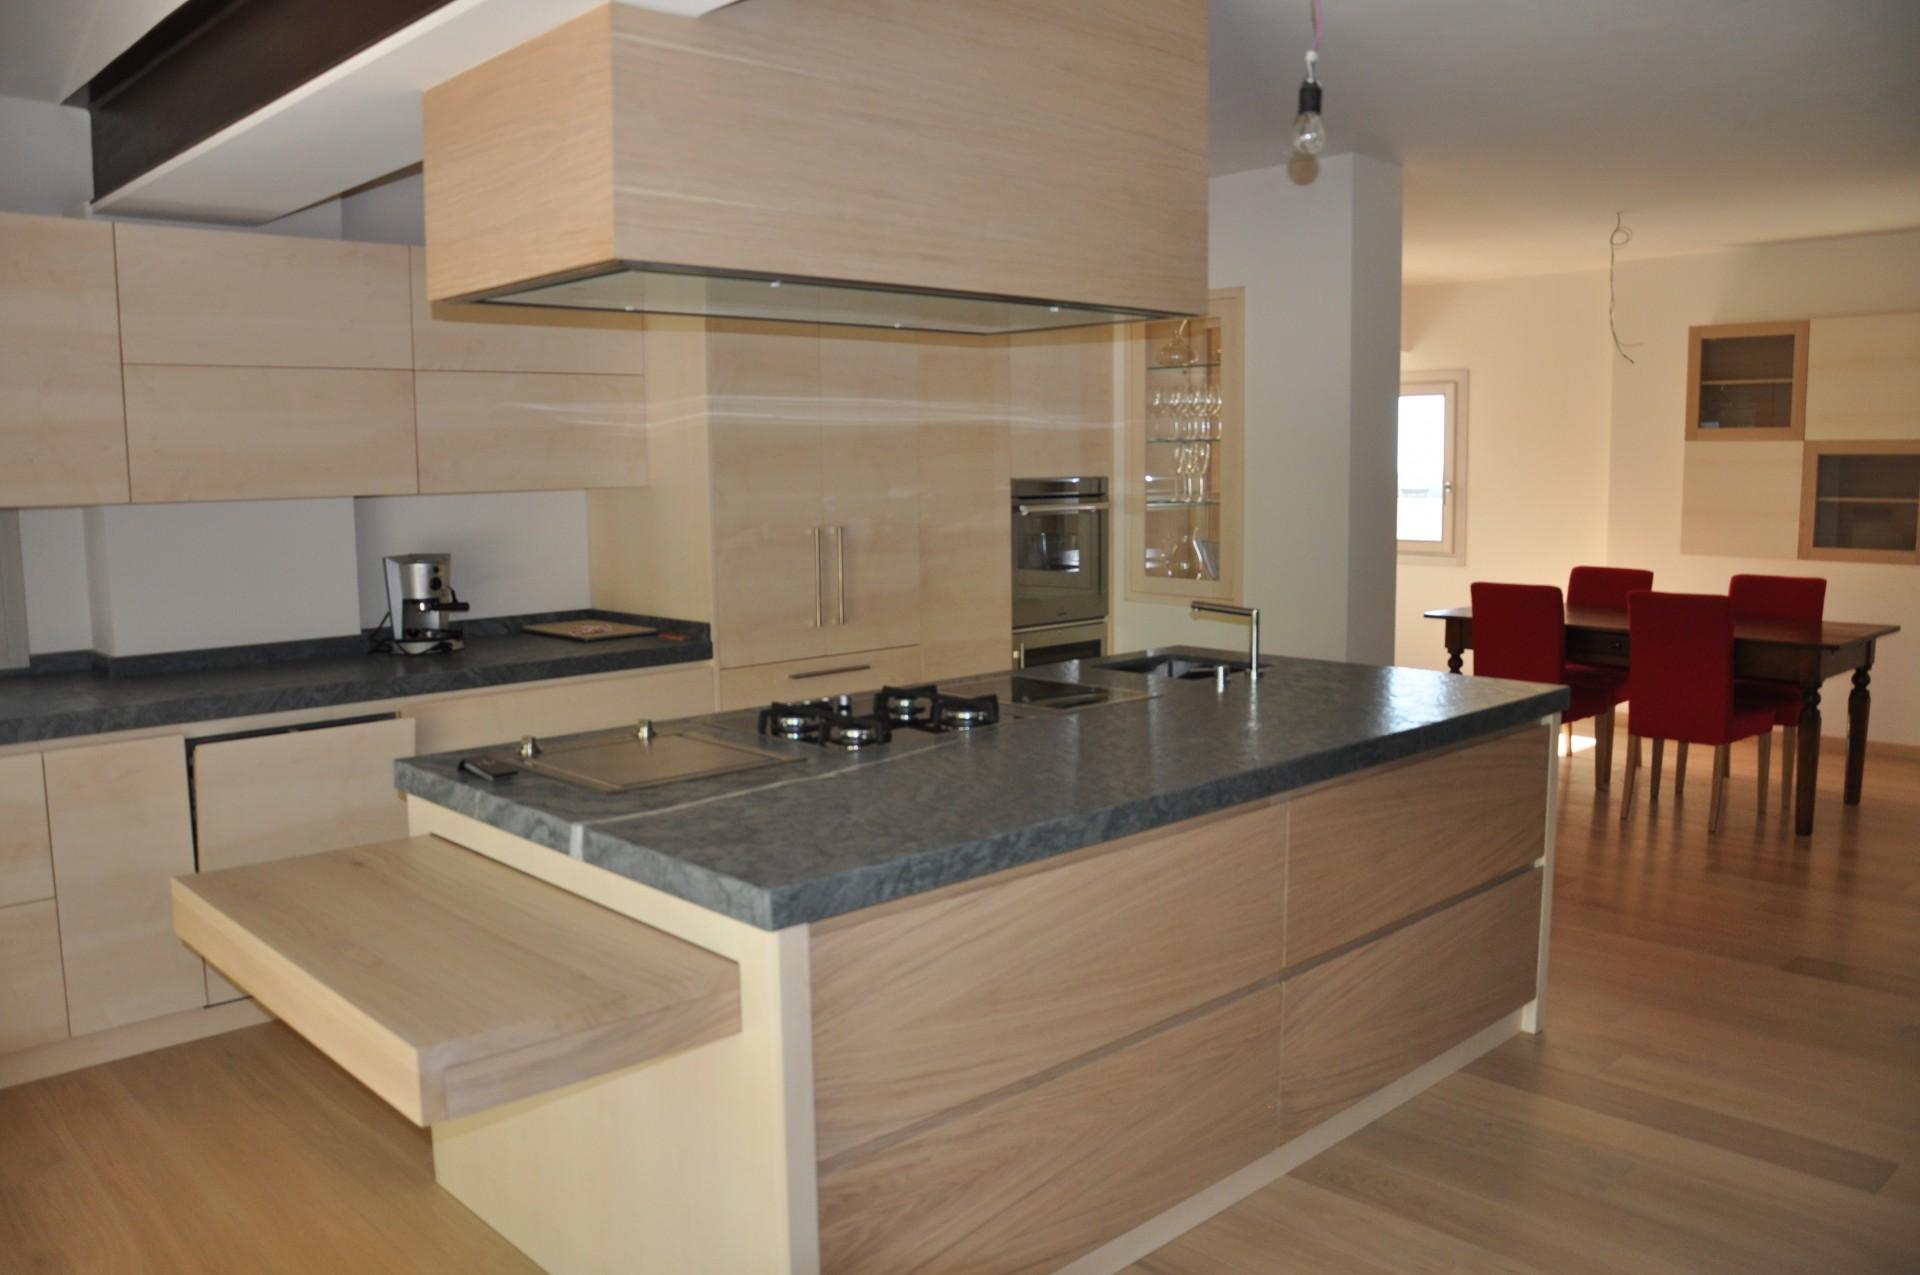 Cucina In Rovere Sbiancato. Simple Collezione Host Arredo Su Misura ...